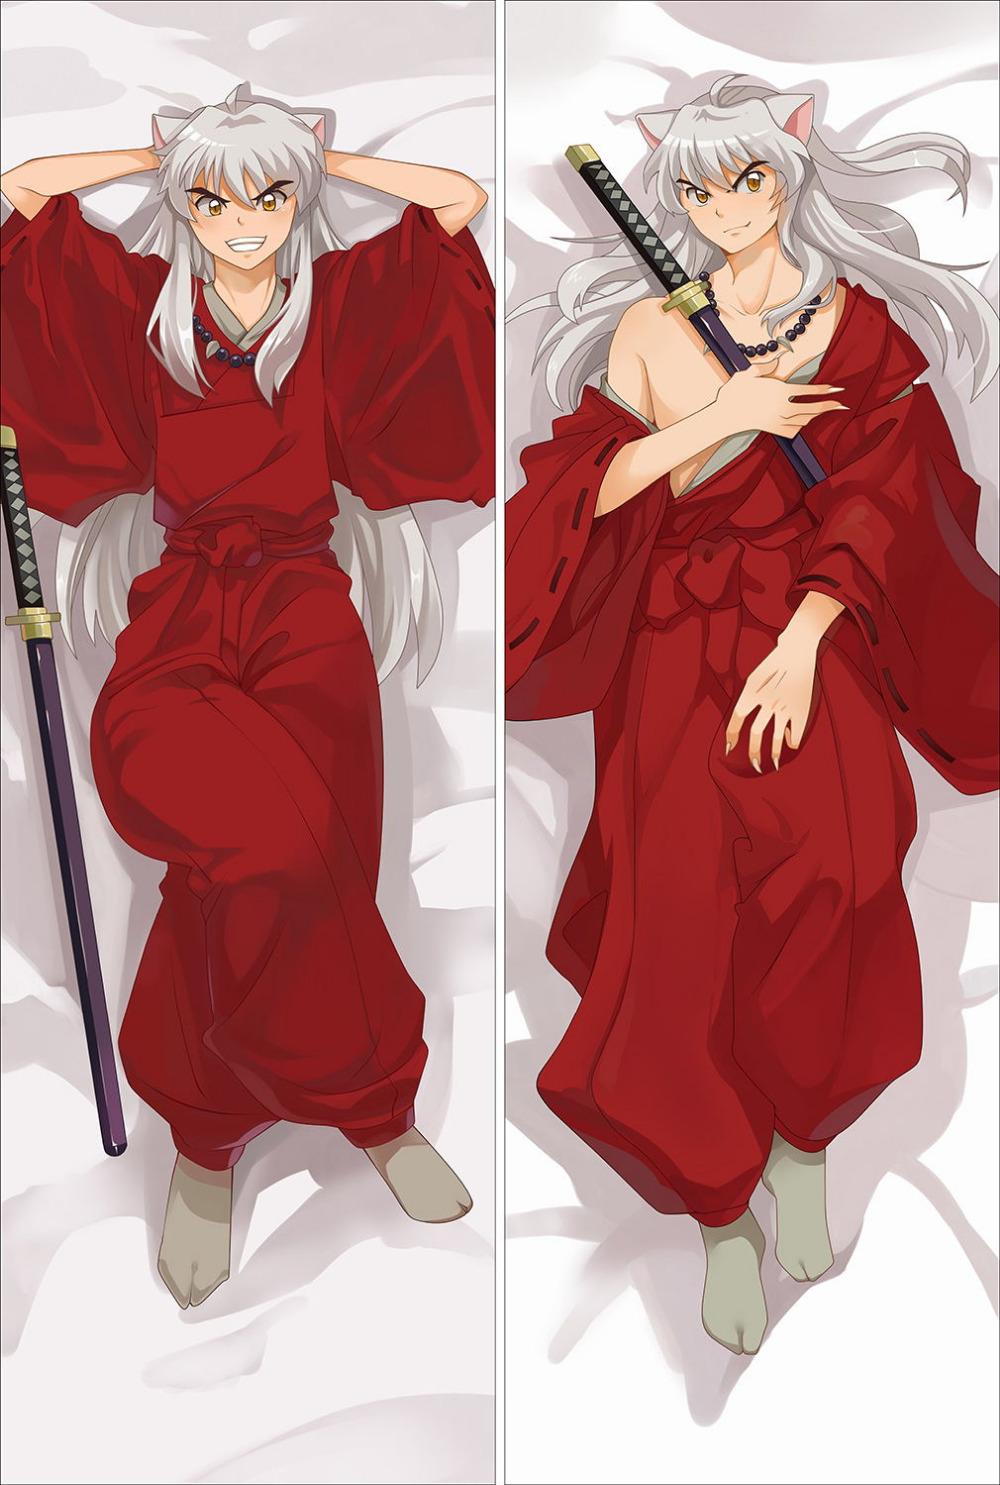 Pillow Case Anime Magical Girl Illyasviel von Einzbern Dakimakura Hugging Body